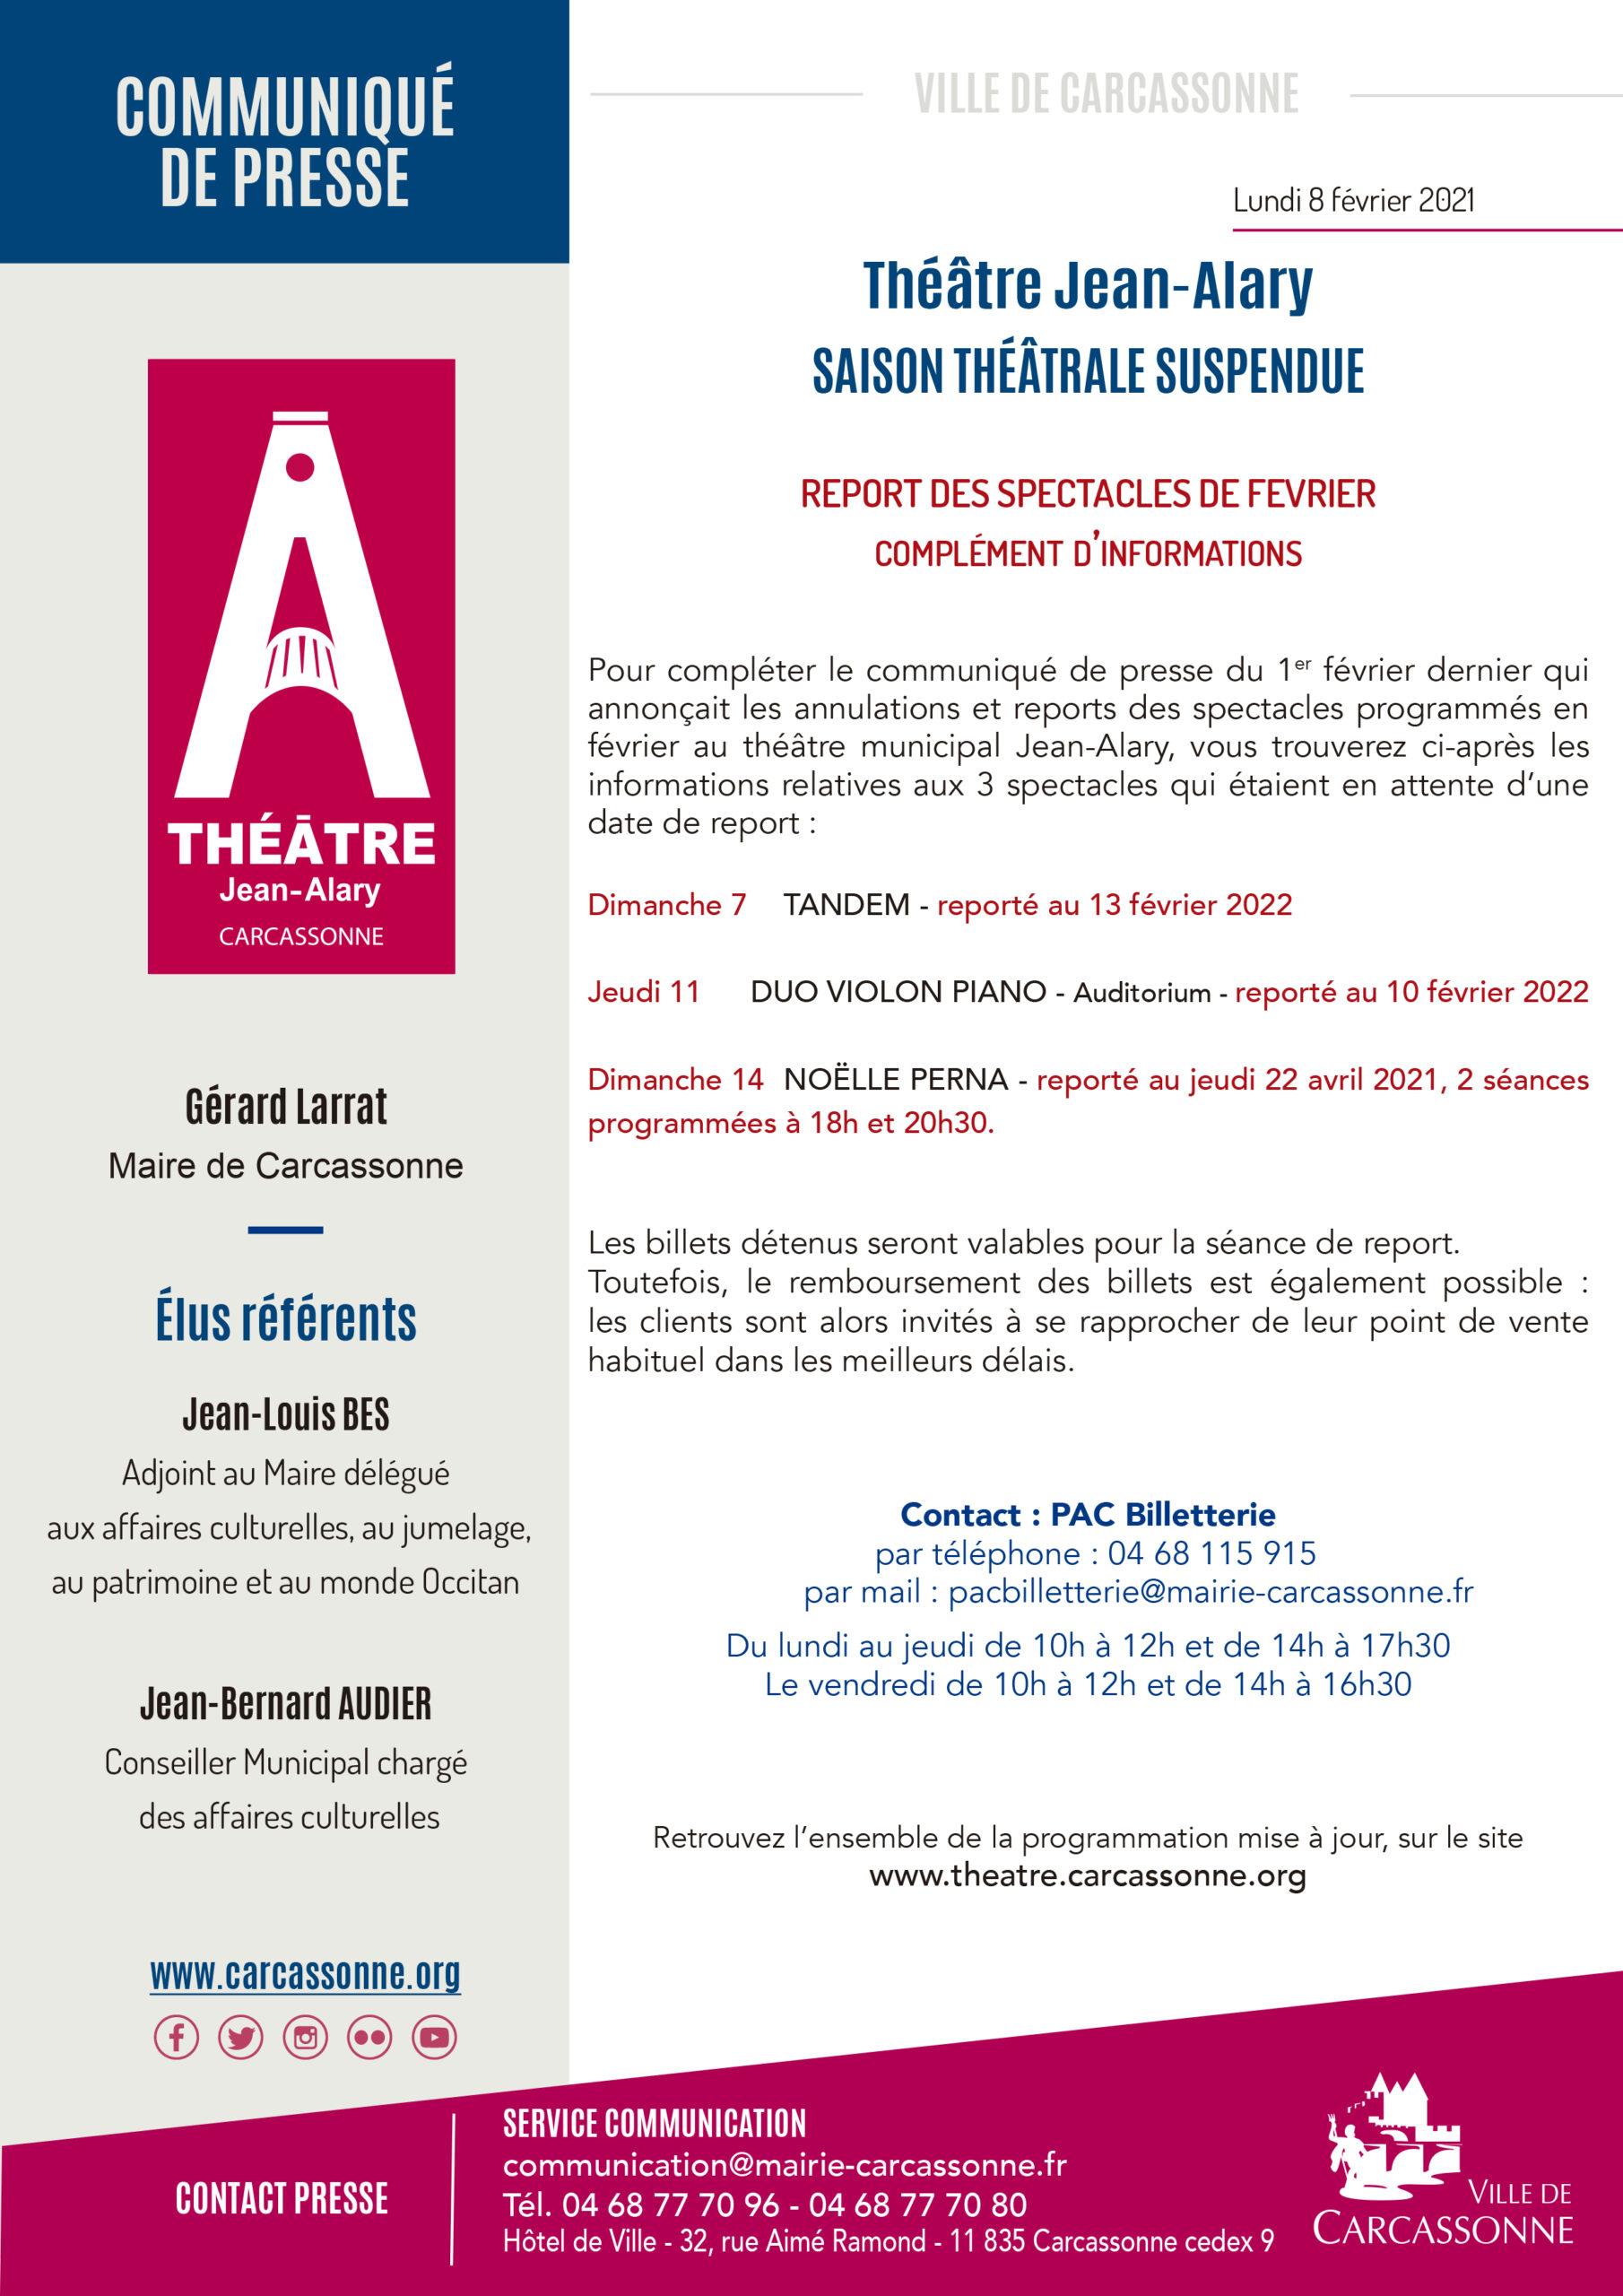 Théâtre Alary – spectacles reportés de février – complément d'information